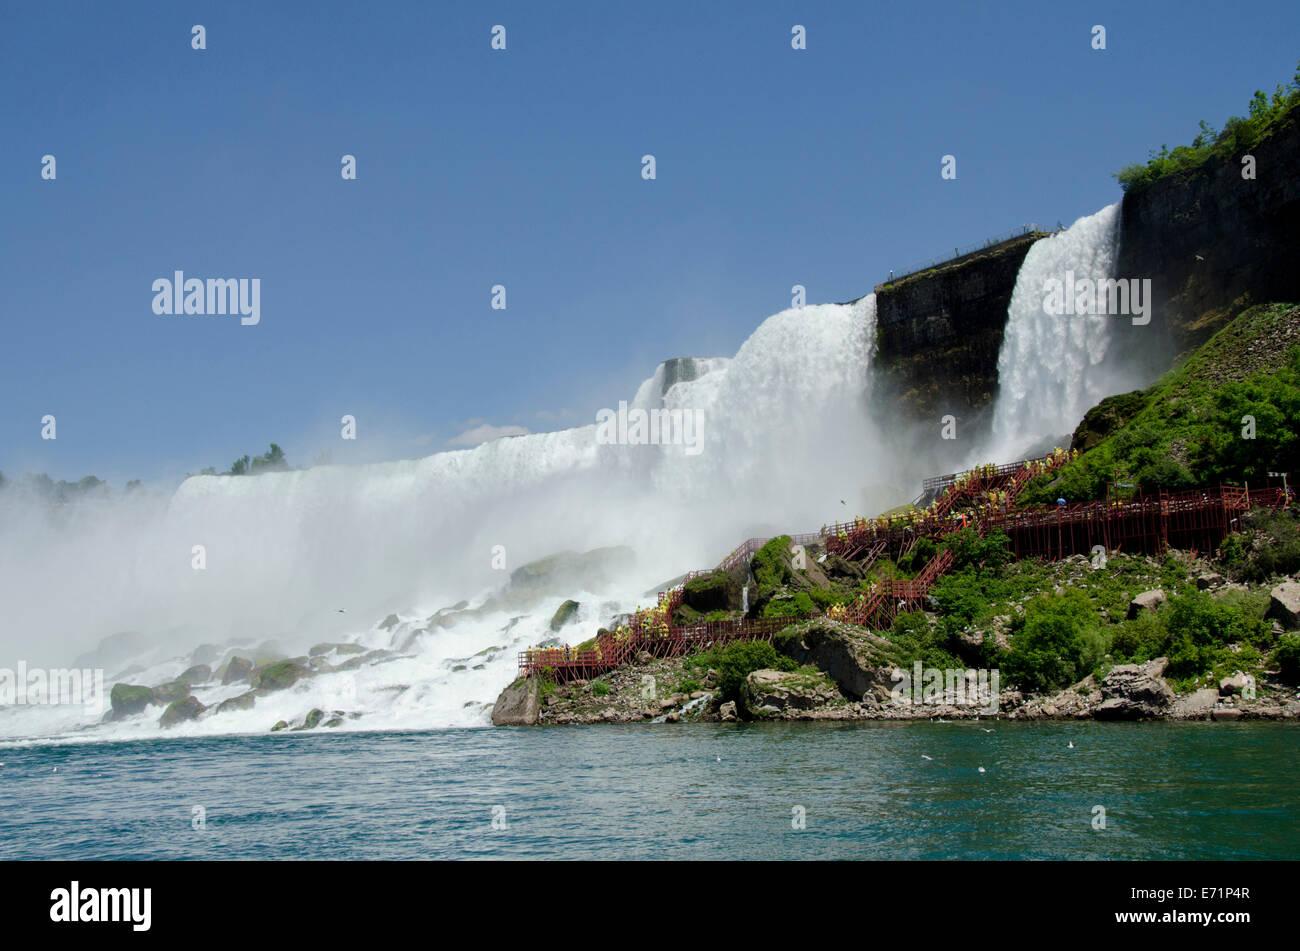 Usa New York Canada Ontario Niagara Falls Usa Side